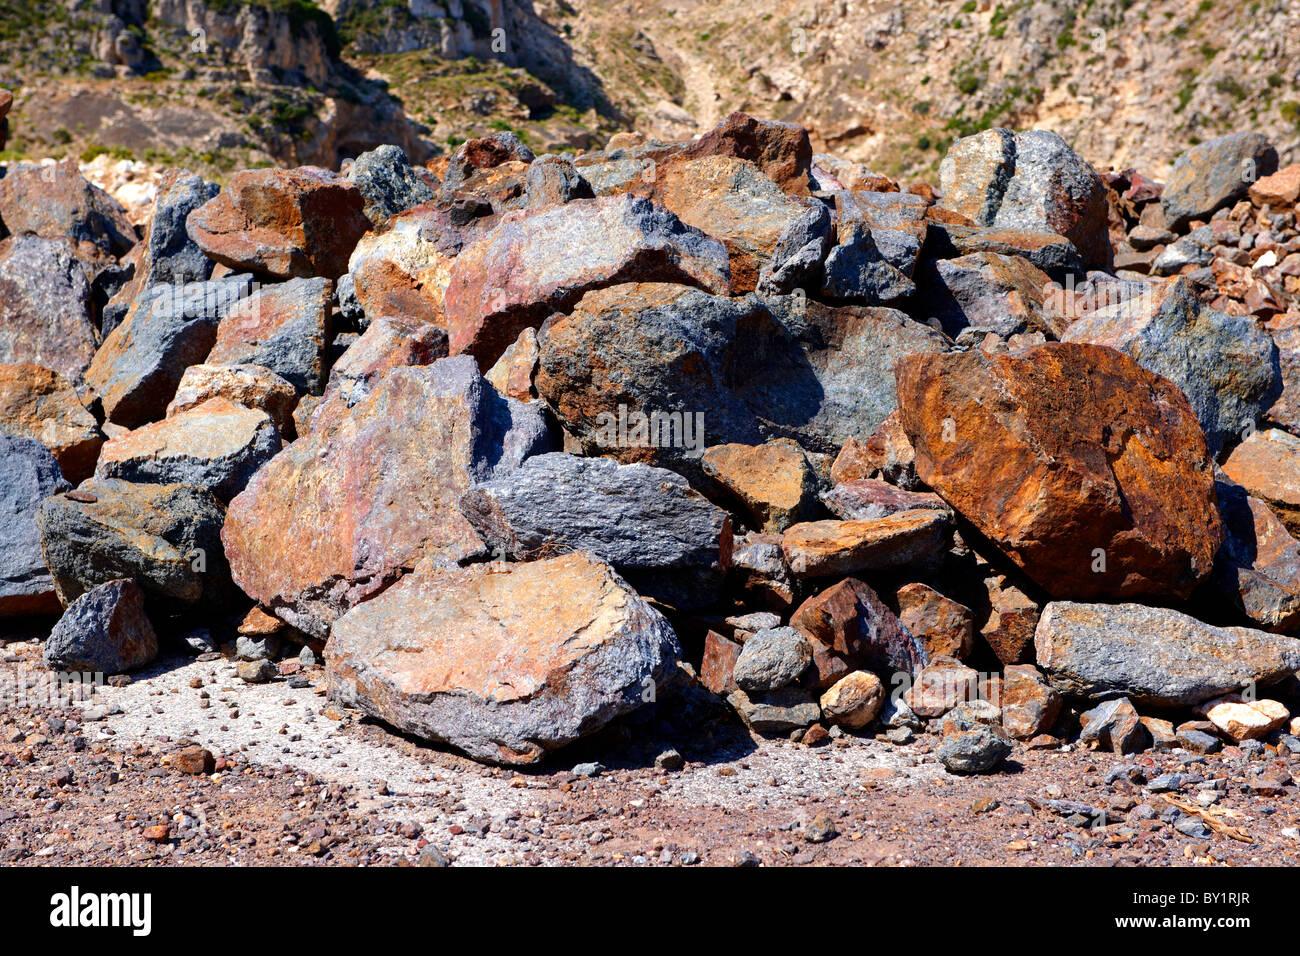 Mined Emery rocks on Naxos, Greek Cyclades Islands - Stock Image